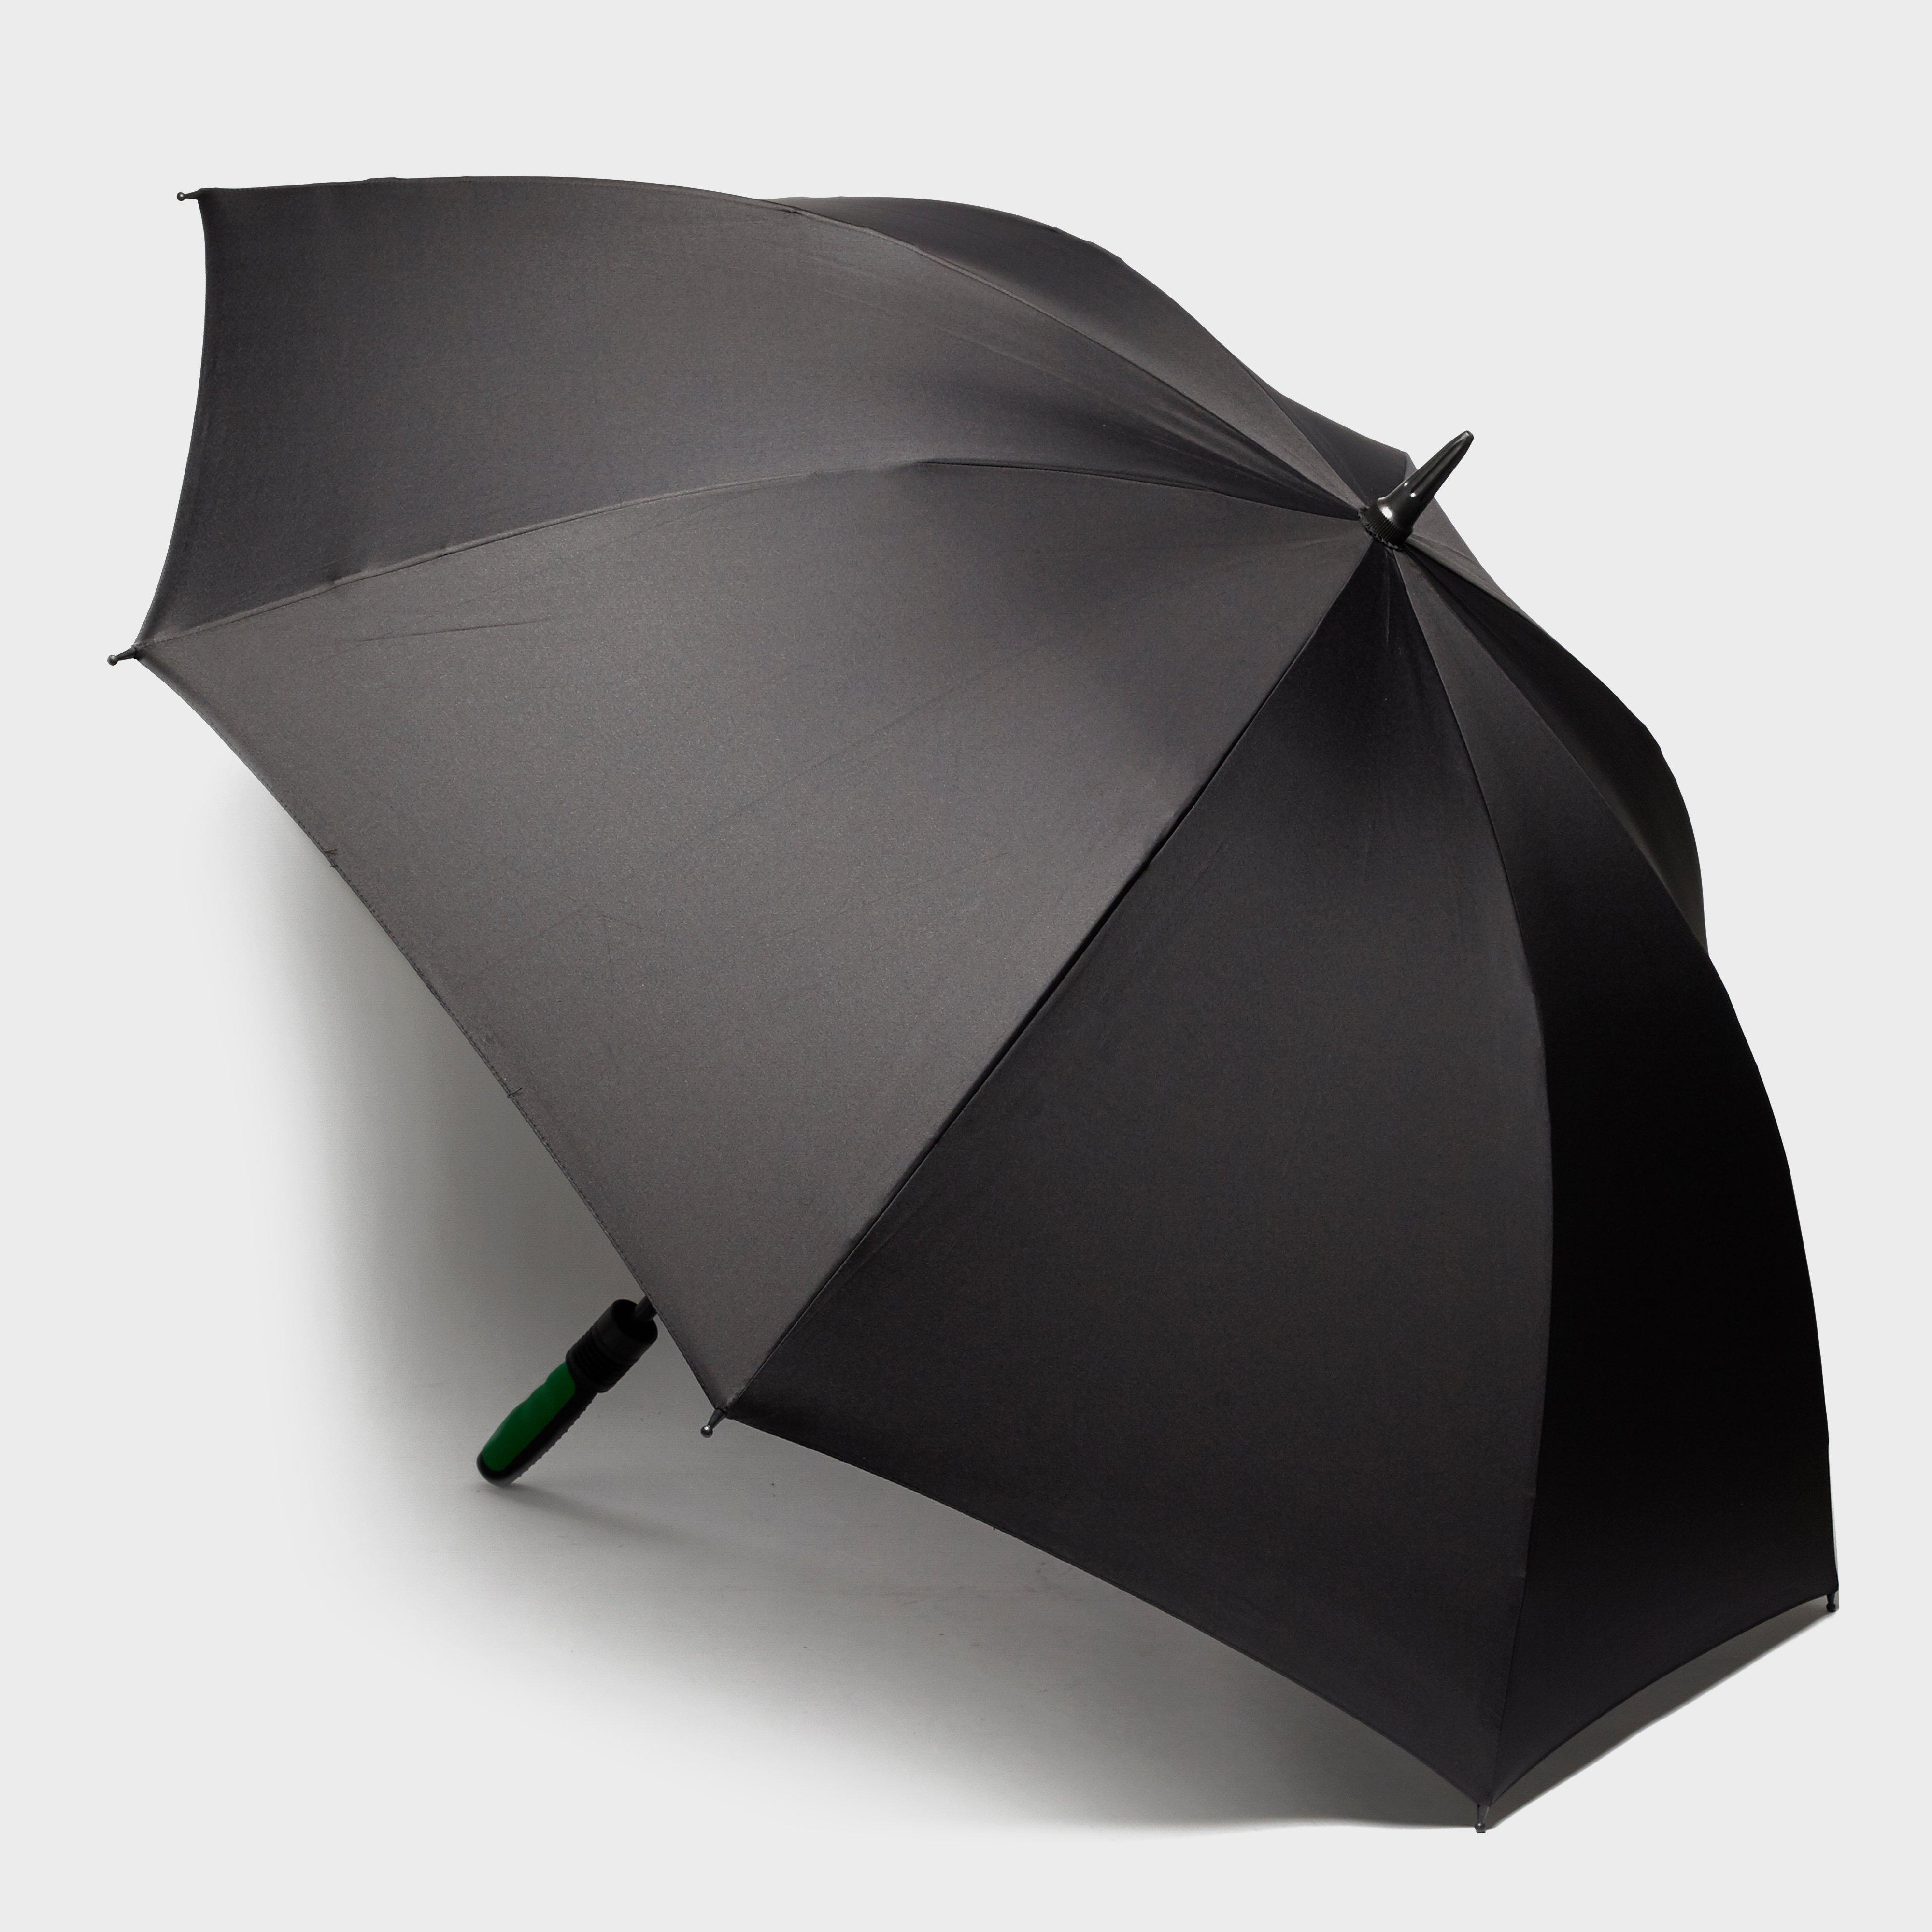 Image of Fulton Cyclone Umbrella - Black/Blk, Black/BLK